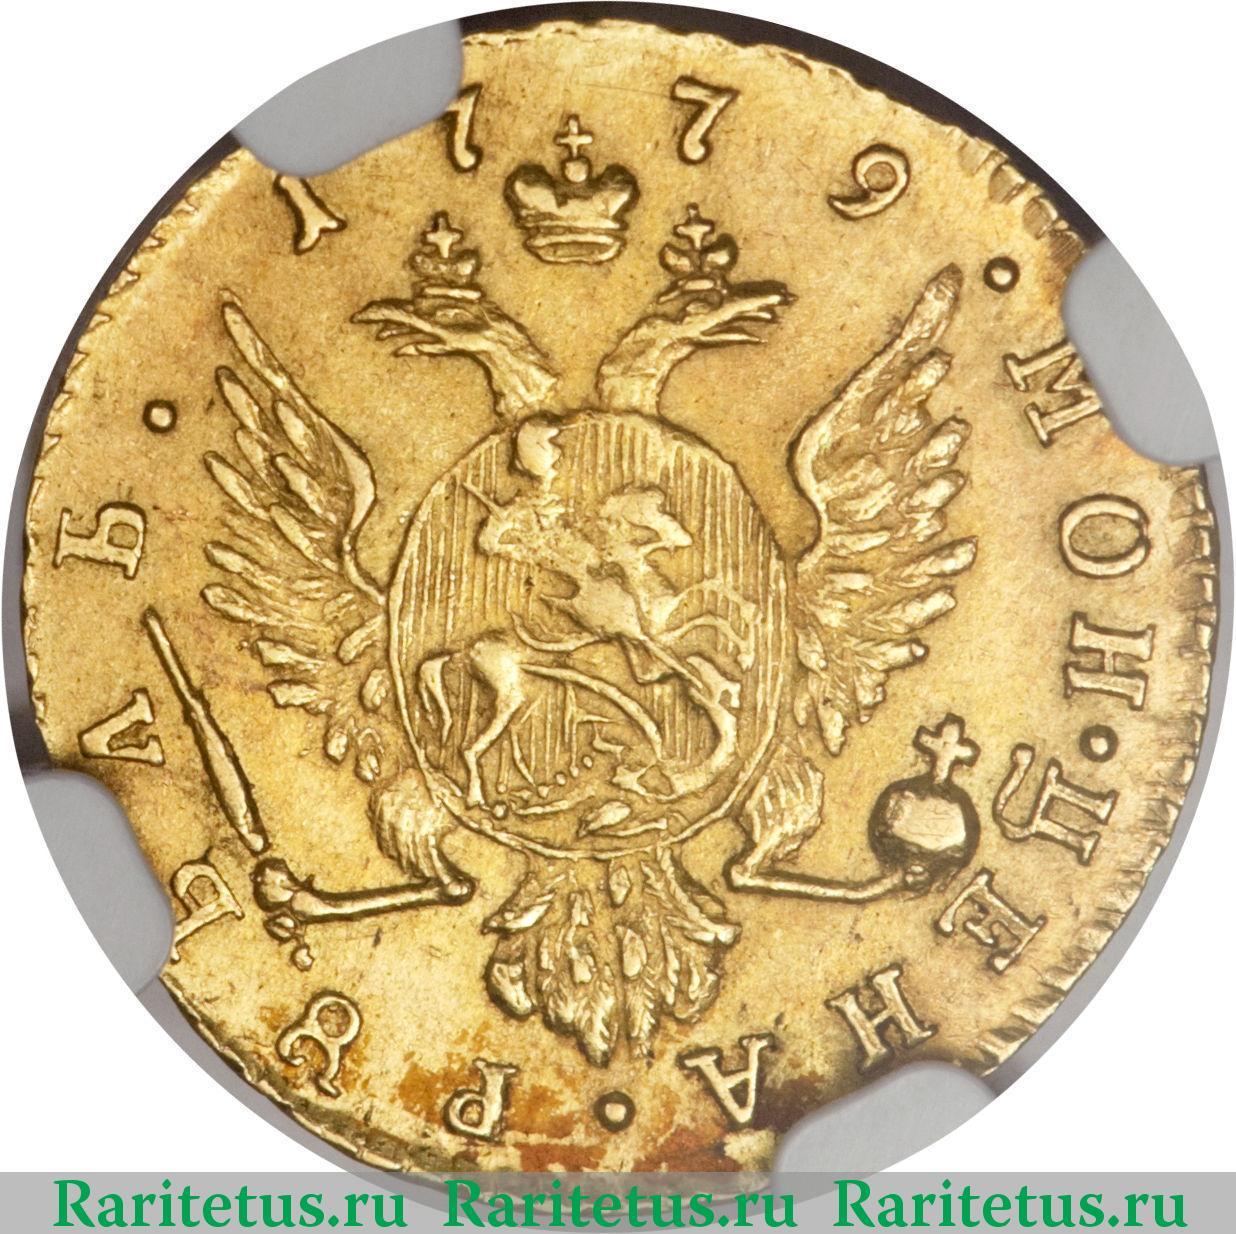 Рубль 1779 мадонна сервиз гдр